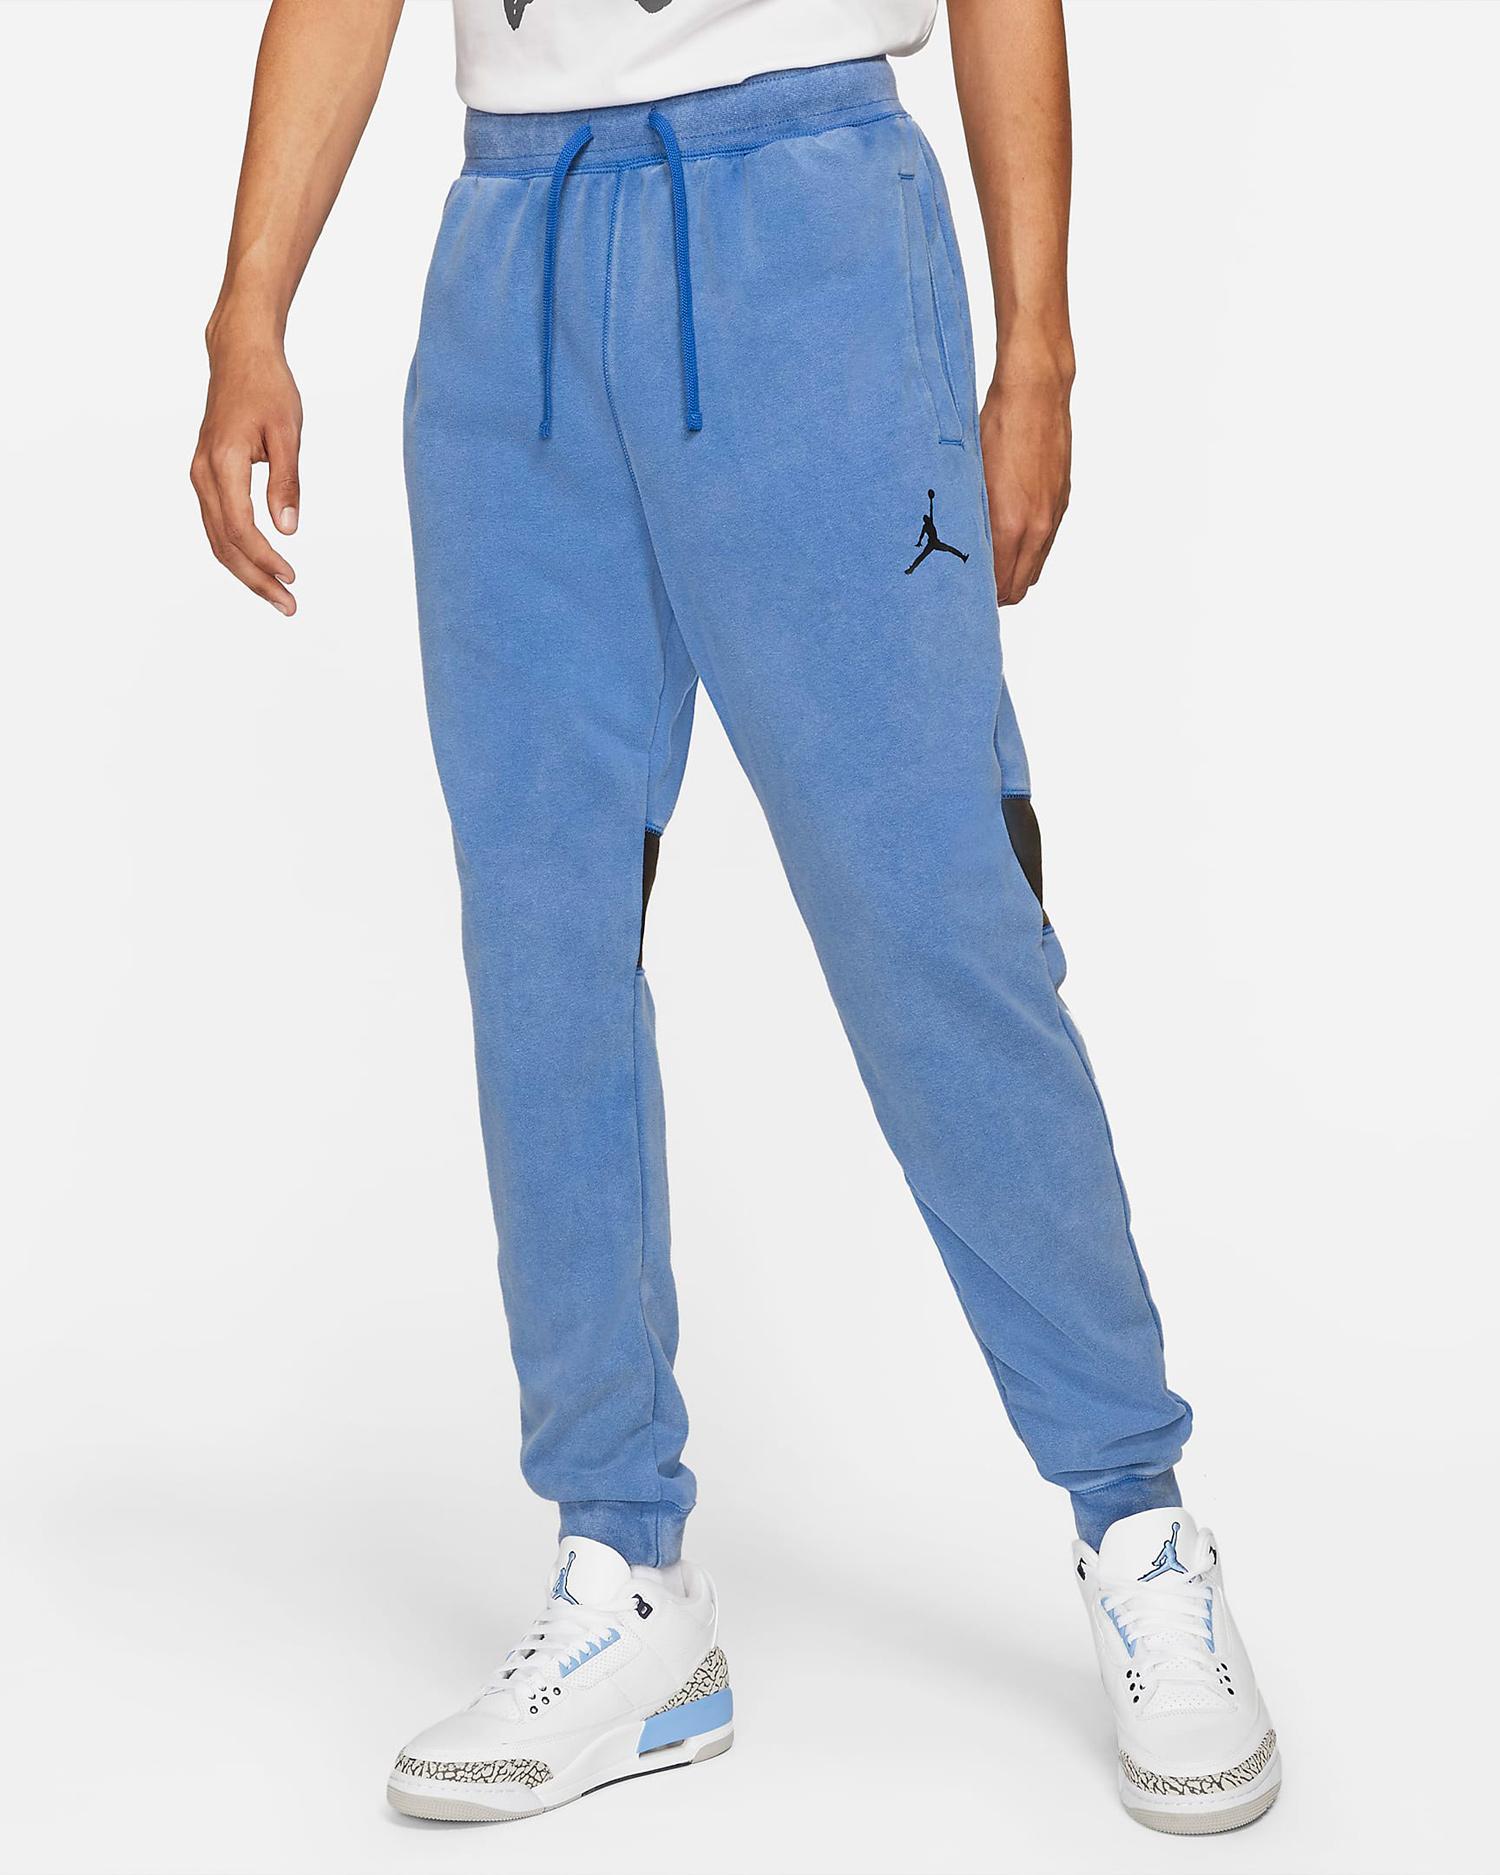 jordan-dri-fit-air-fleece-pants-hyper-royal-1